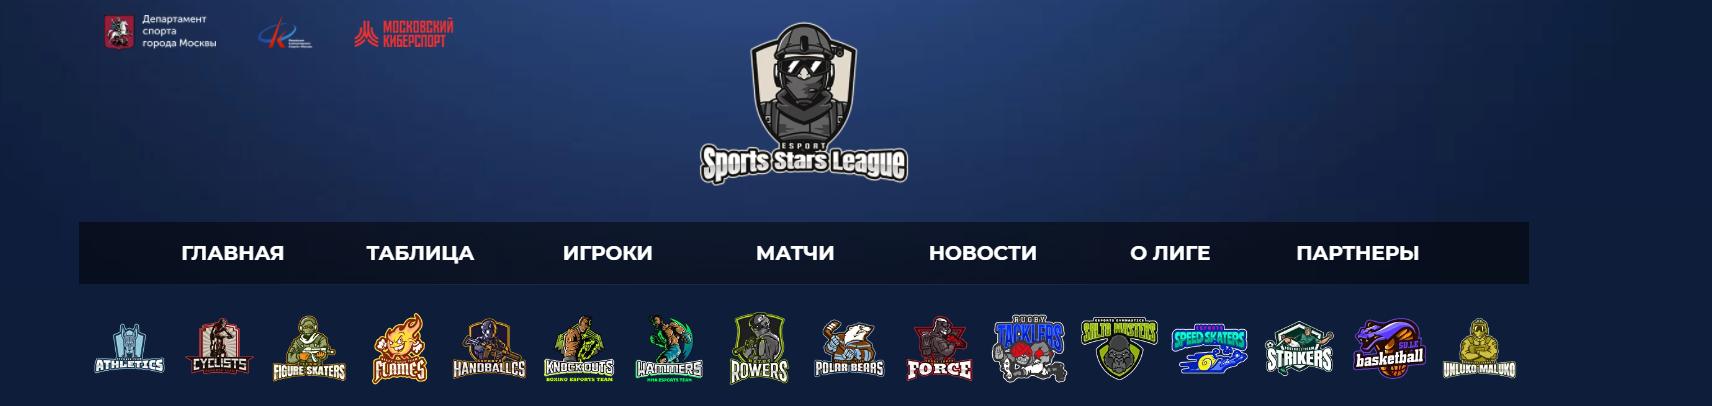 Шесть команд сыграют в «Лиге звезд спорта» за один вечер